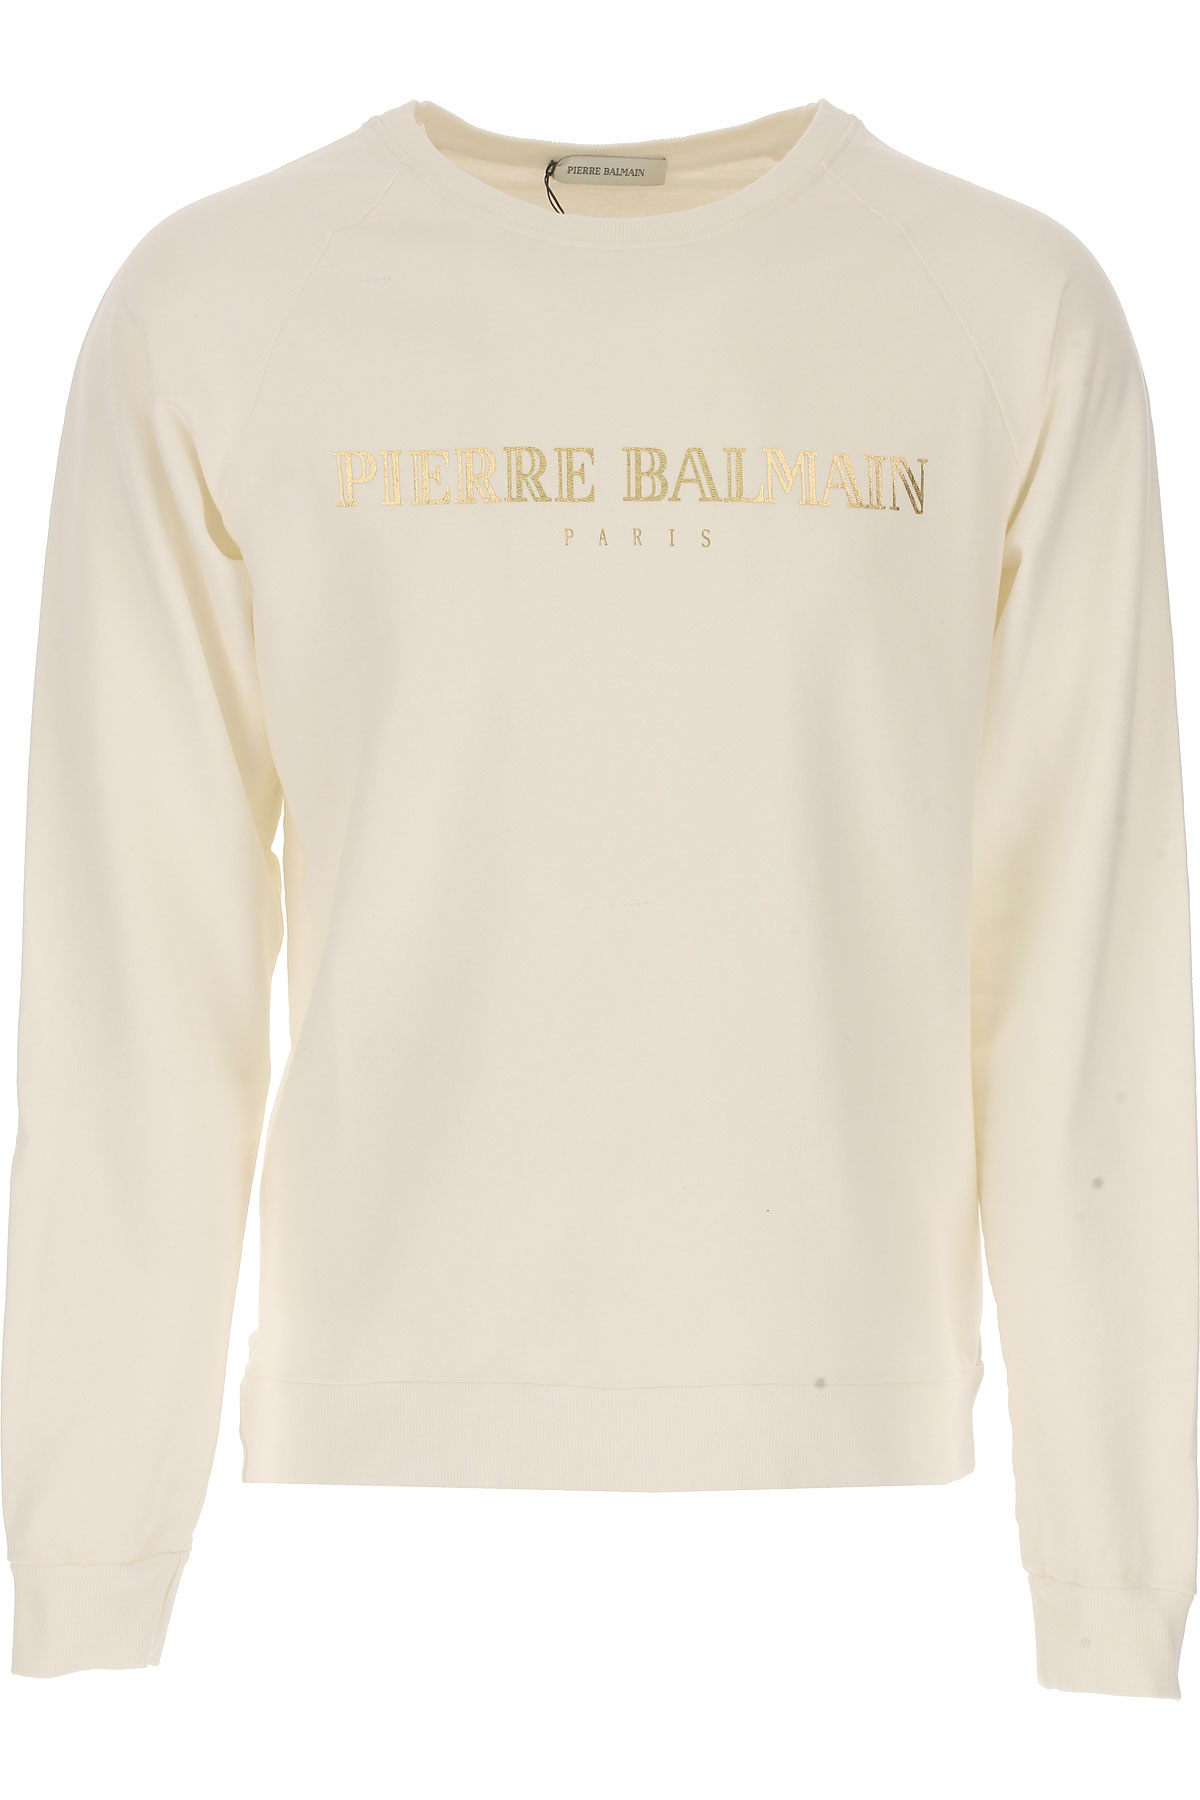 Balmain Sweatshirt for Men, White, Cotton, 2017, L M USA-450453